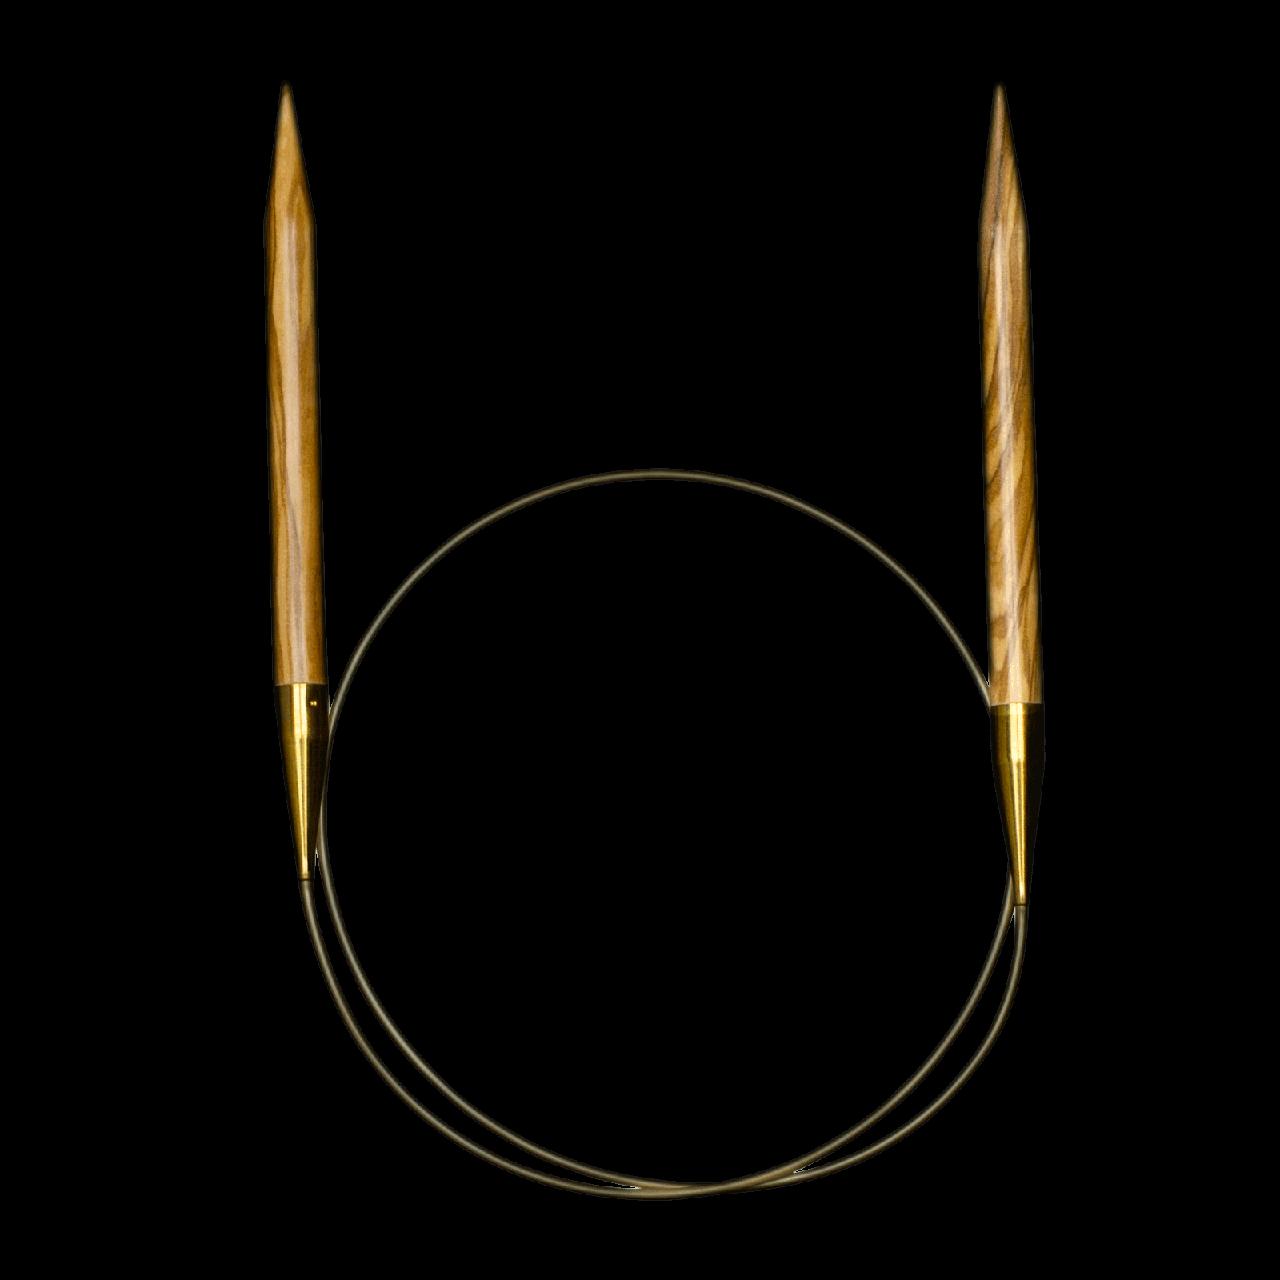 Адди 4,50 спицы из оливкового дерева на золотой леске 100 см